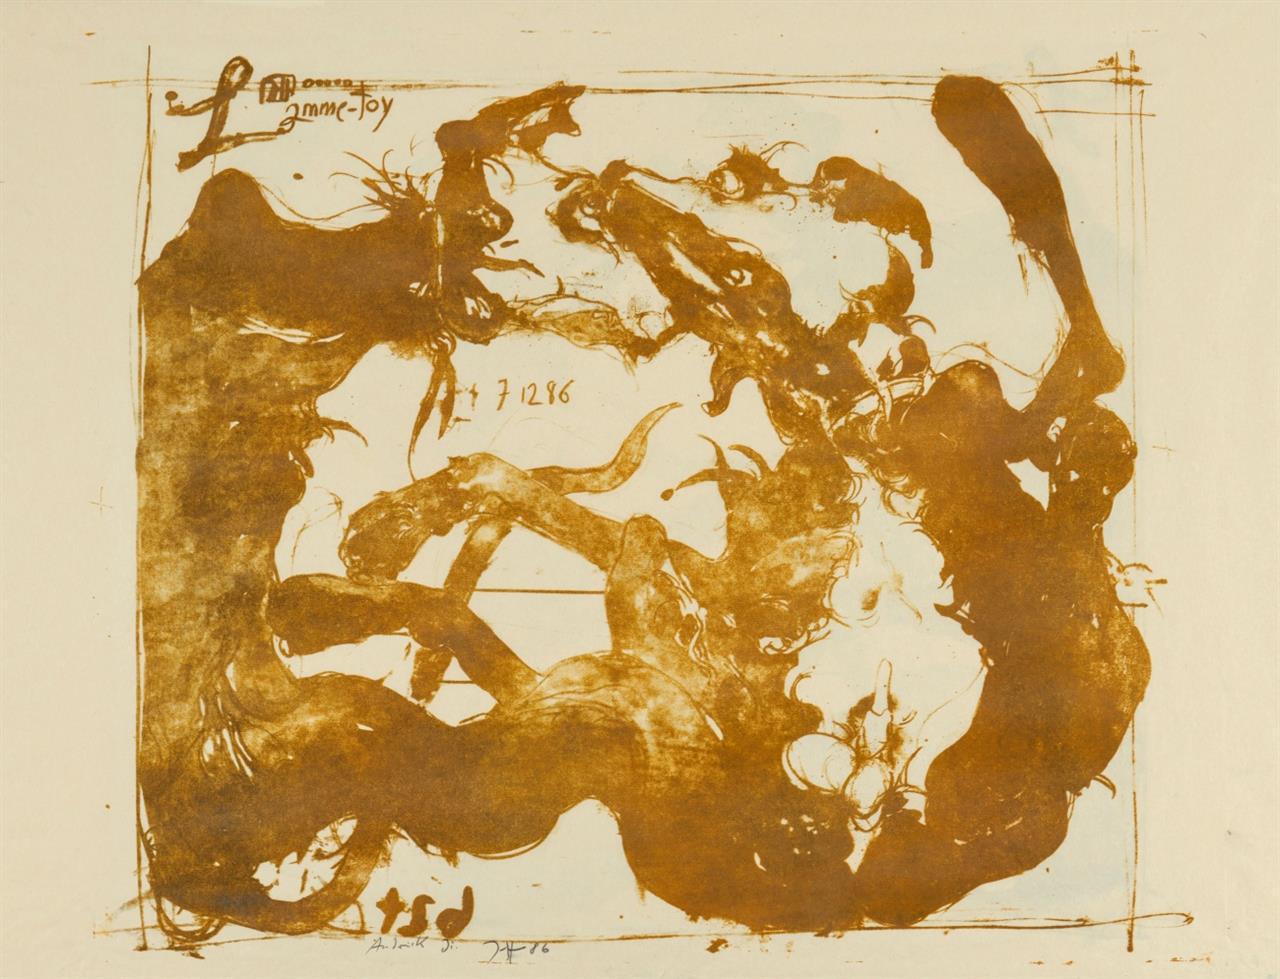 Horst Janssen. Lamme-Toy. 1986. 3 Blatt Lithographien in Schwarz, Braun bzw. Grau-Braun. Je signiert. Probe- bzw. Andruckexemplare.